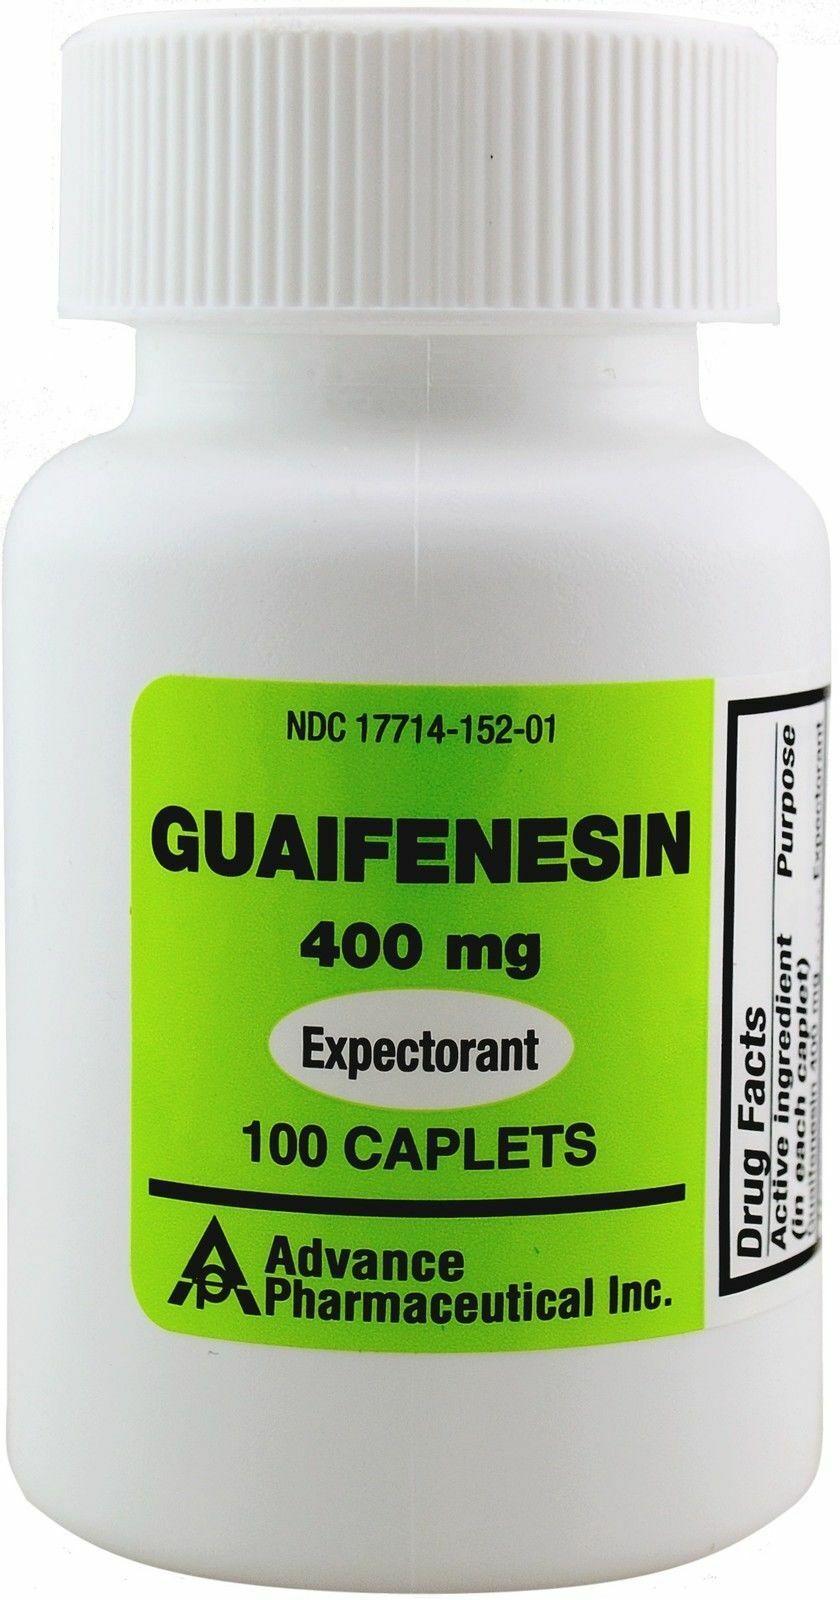 Гвайфенезин – инструкция по применению - народная медицина